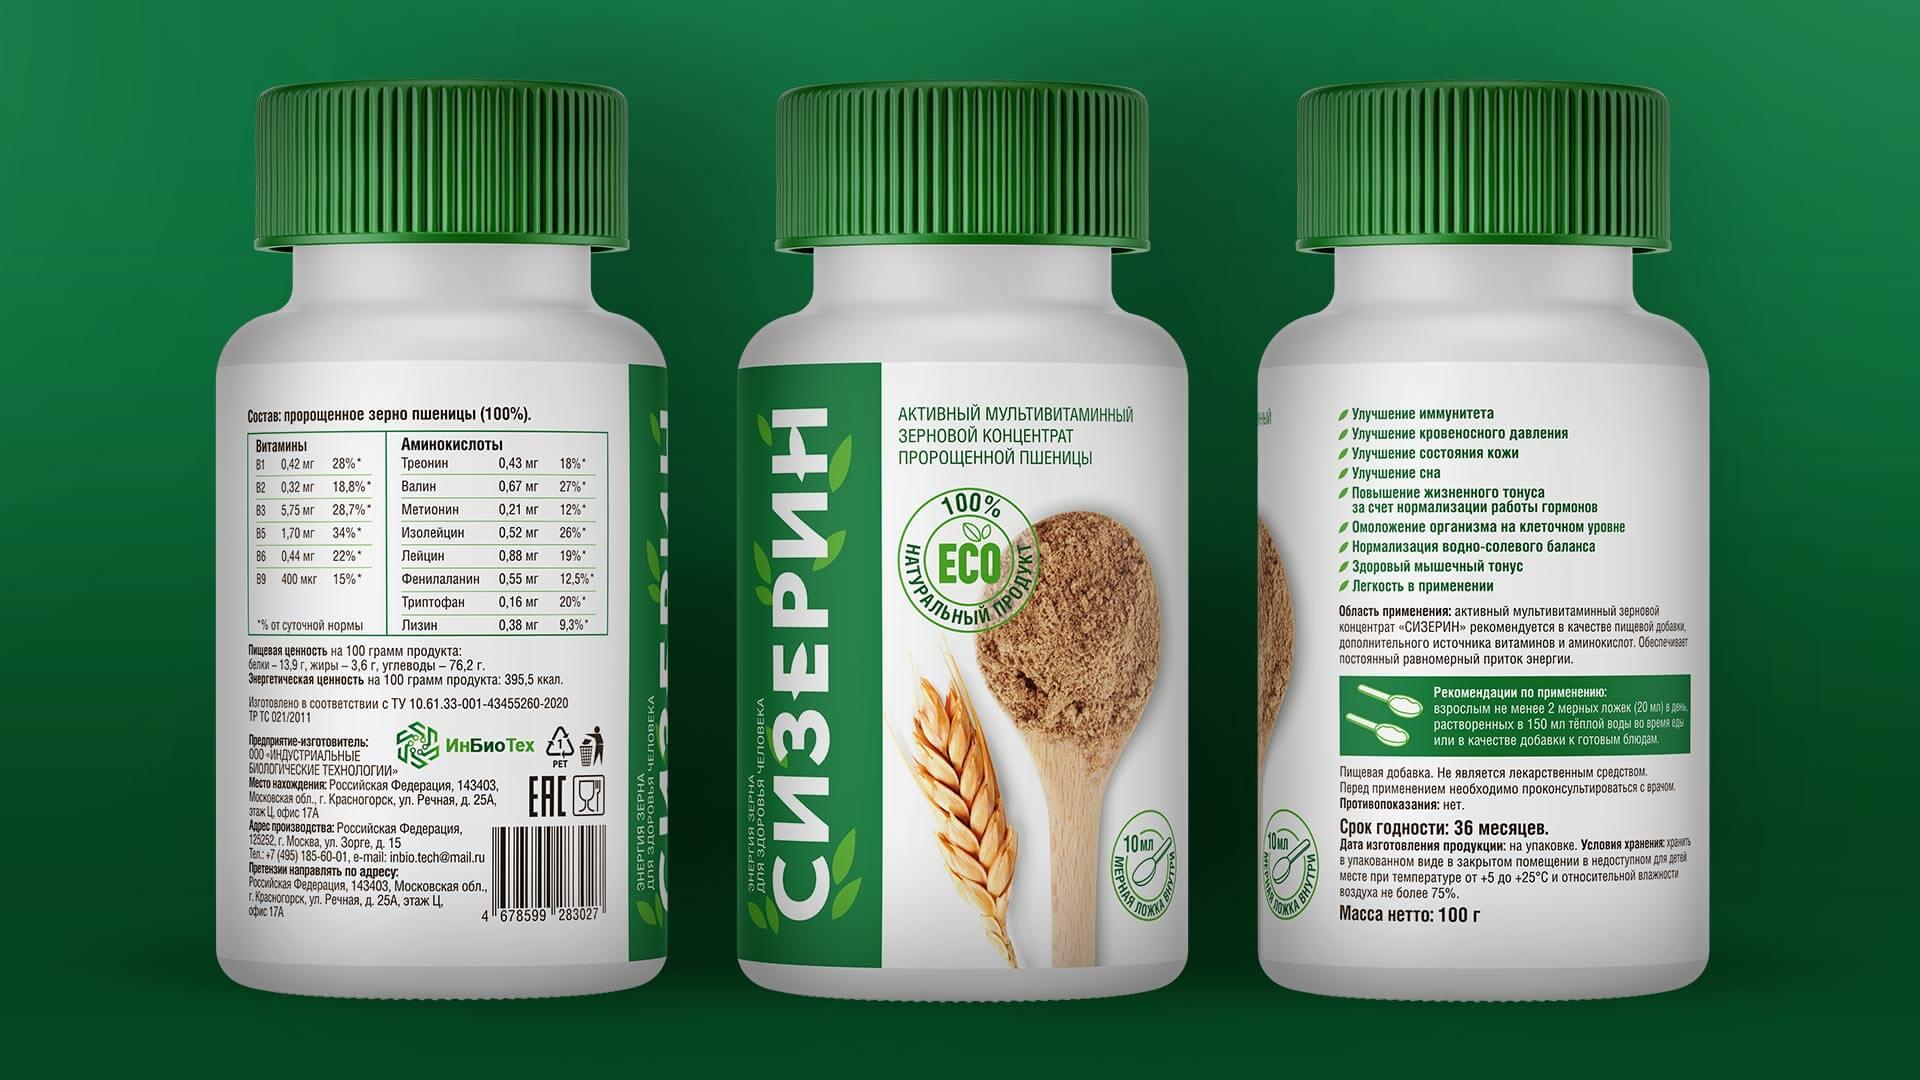 Разработка дизайна упаковки и этикетки зернового суперфуда СИЗЕРИН